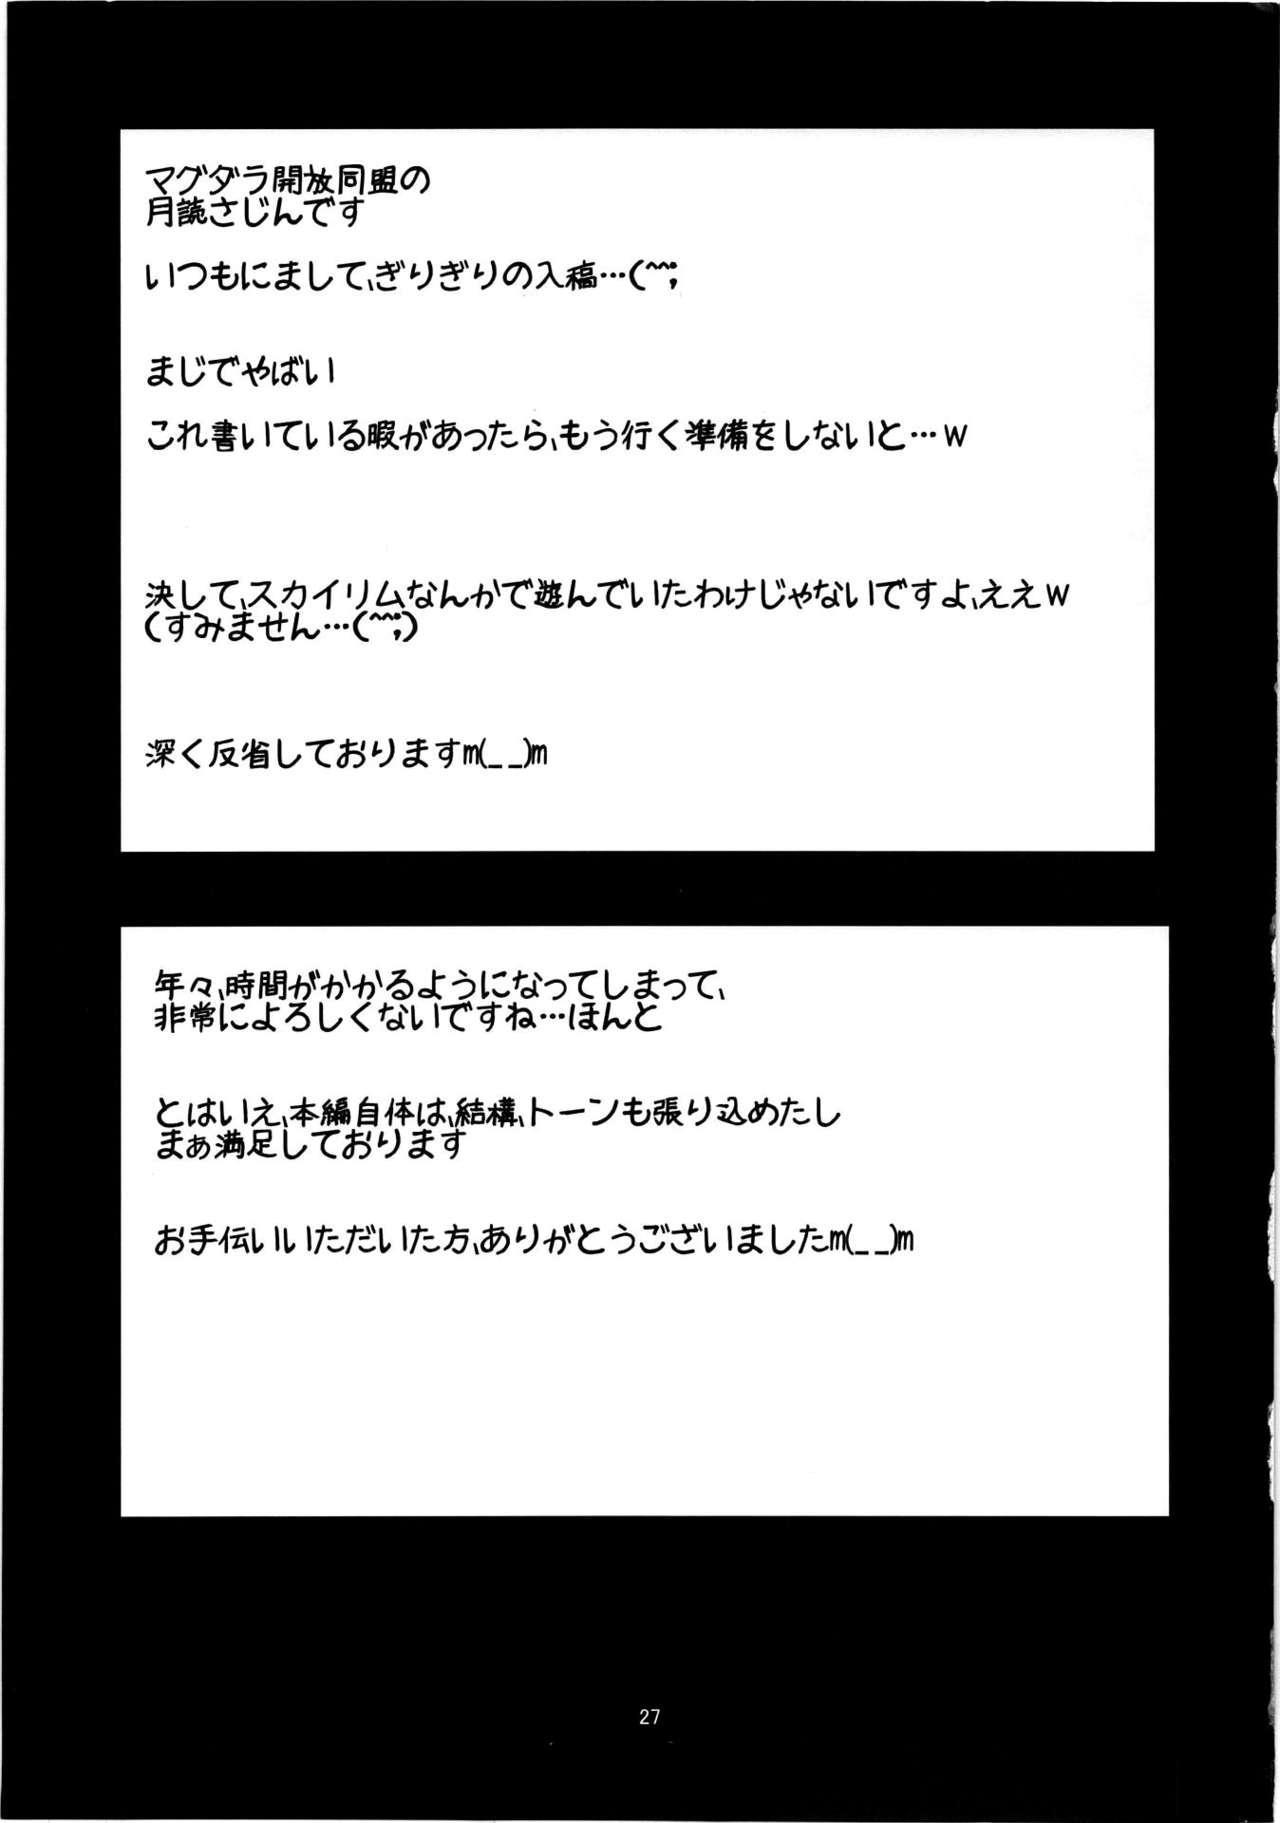 Boku no Tomodachi wa Saimin ni Kakari Yasui | My Friends Are Easy to Hypnotize 25